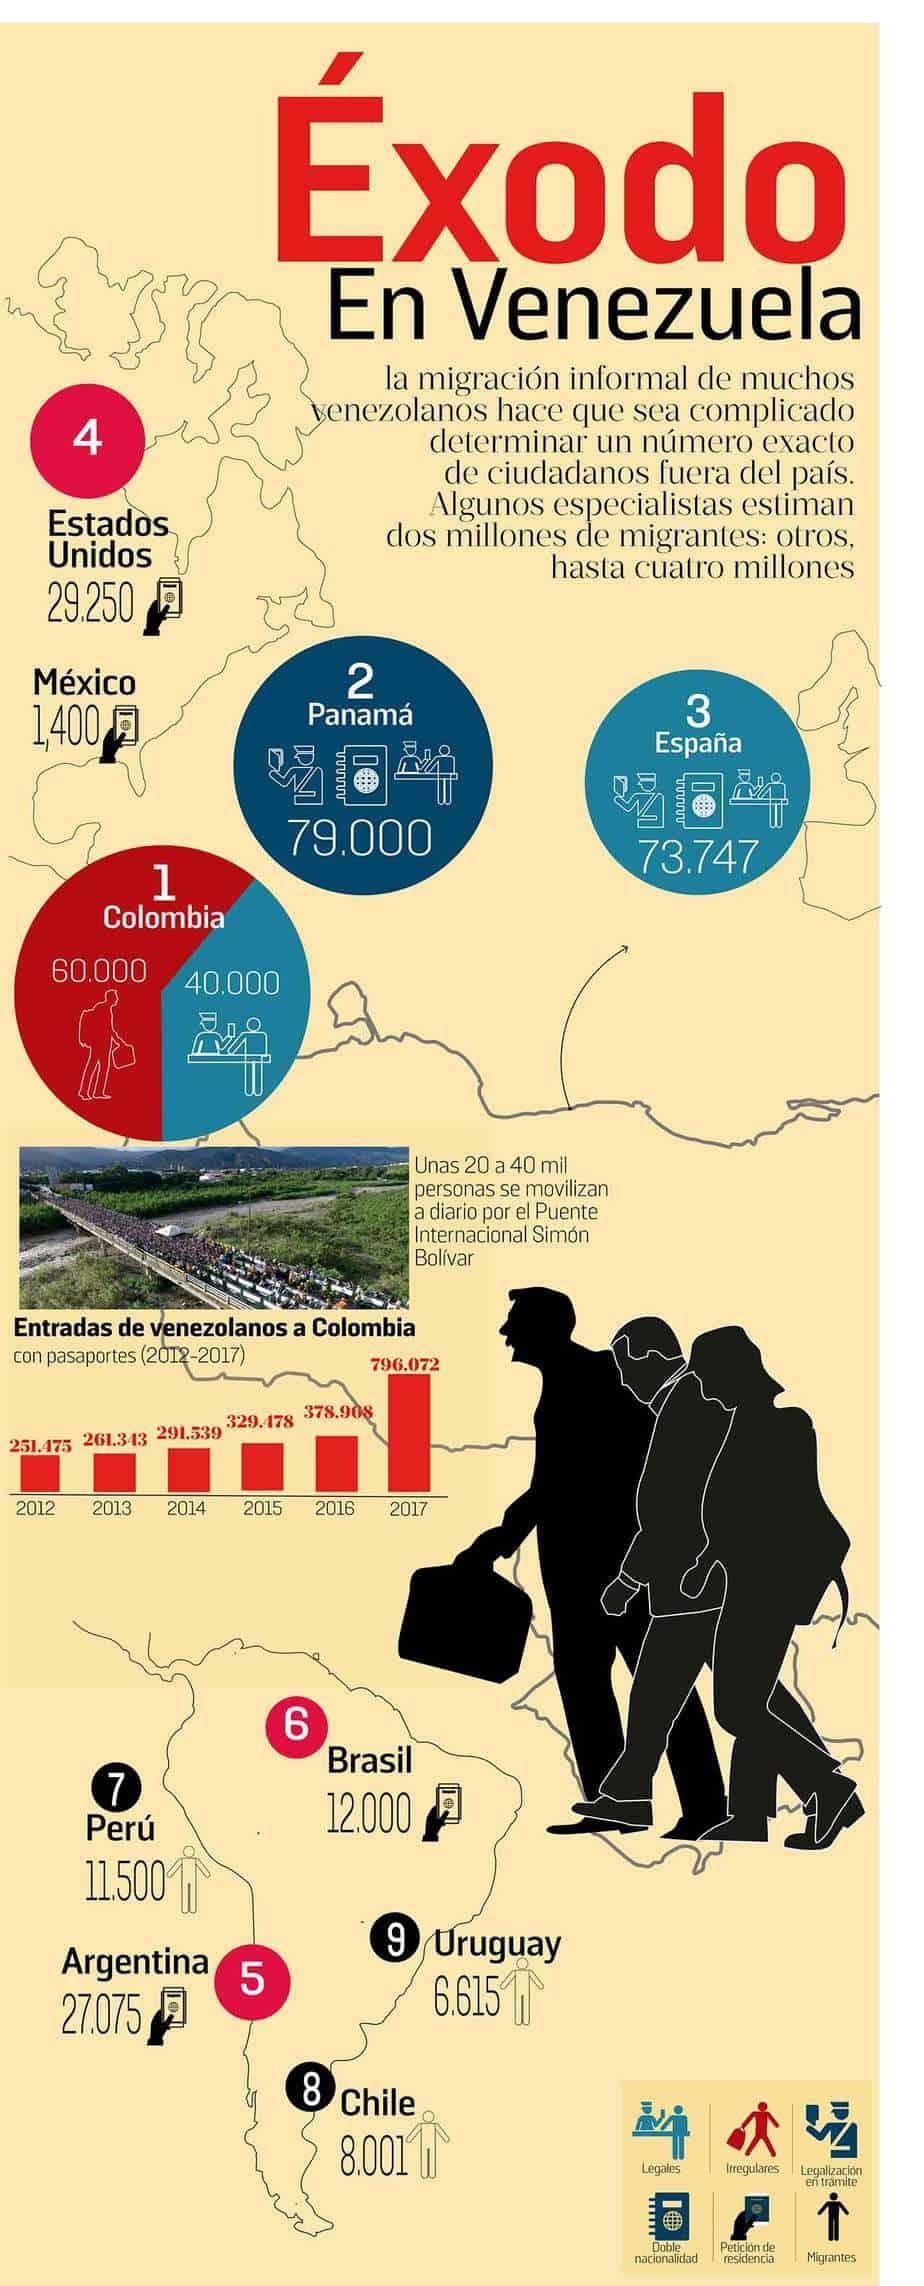 Los países que han recibido más migrantes venezolanos